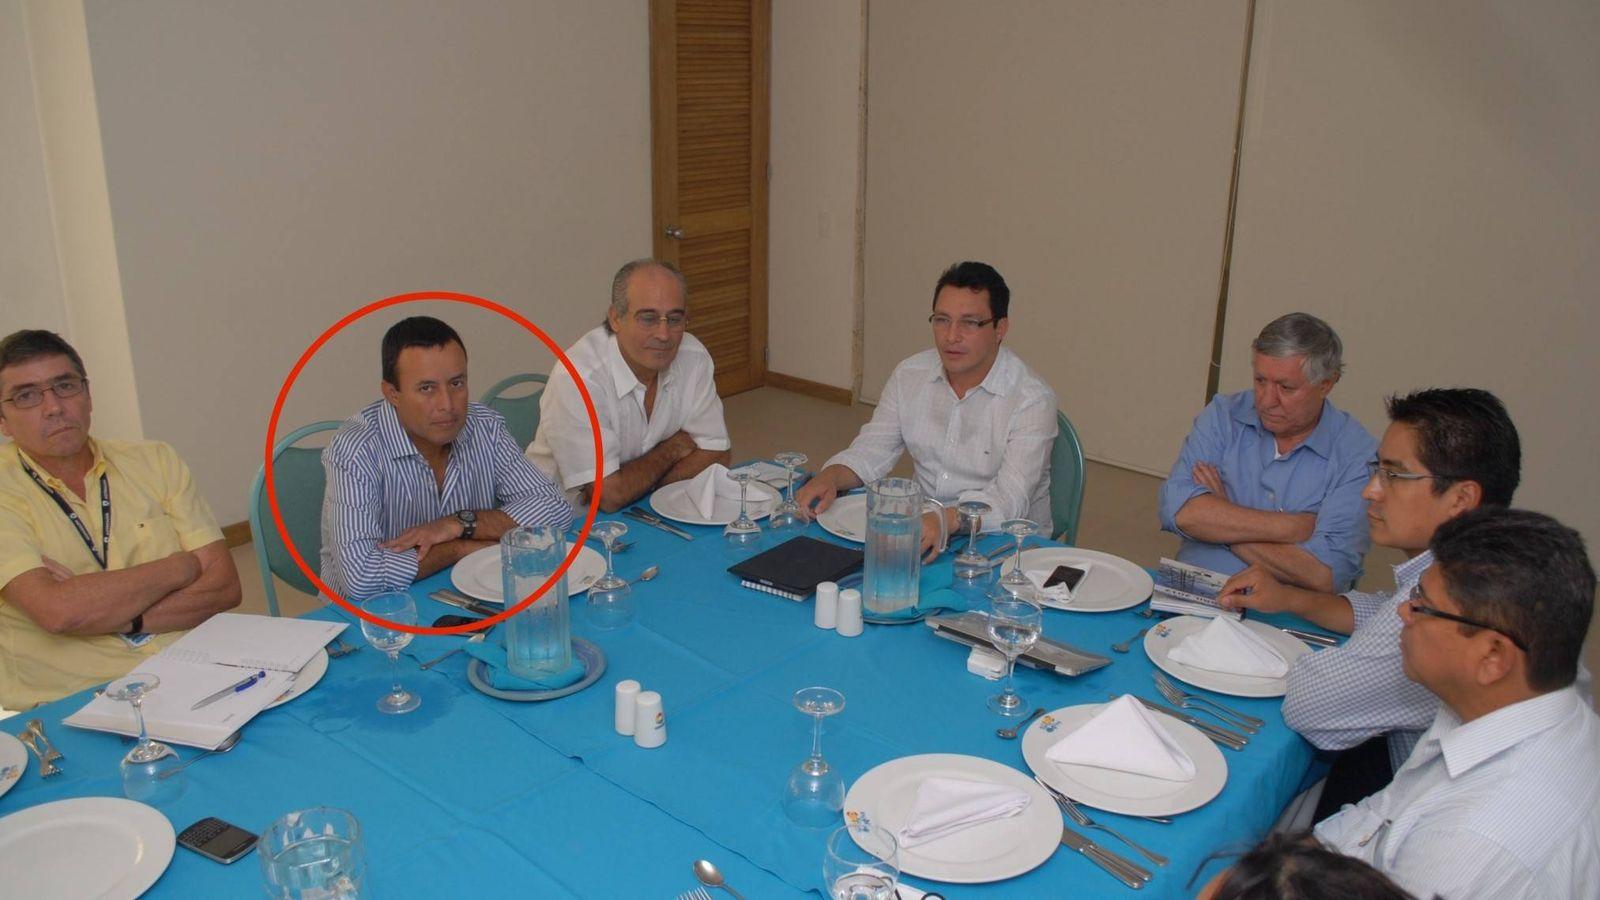 Foto: Diego García Arias, con un círculo. A su derecha, Edmundo Rodríguez Sobrino, expresidente de Inassa. ('En Blanco y Negro')